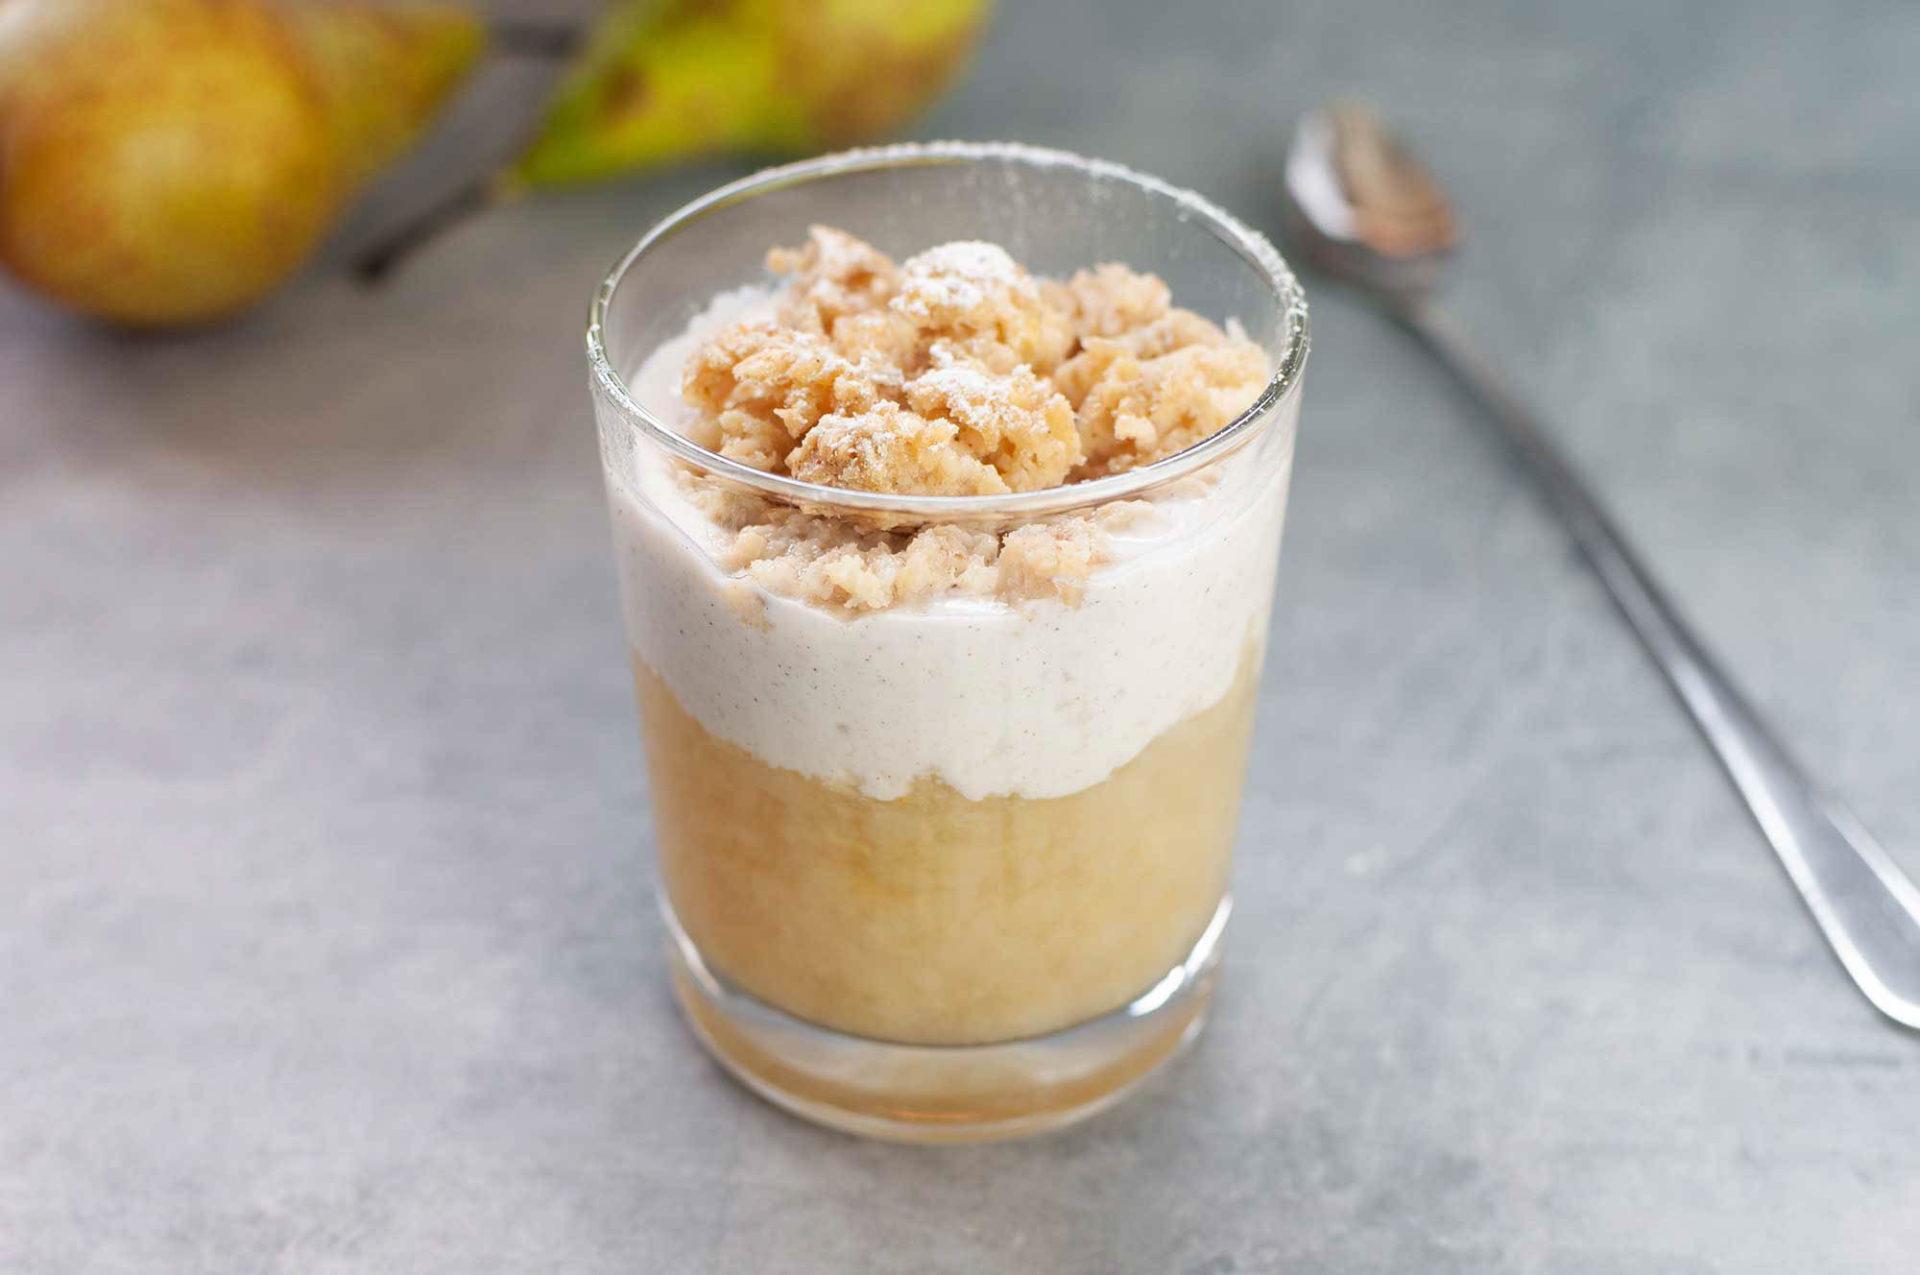 Birnenkompott mit Zitronenjoghurt und Apfel-Bananen-Muffin-Streusel